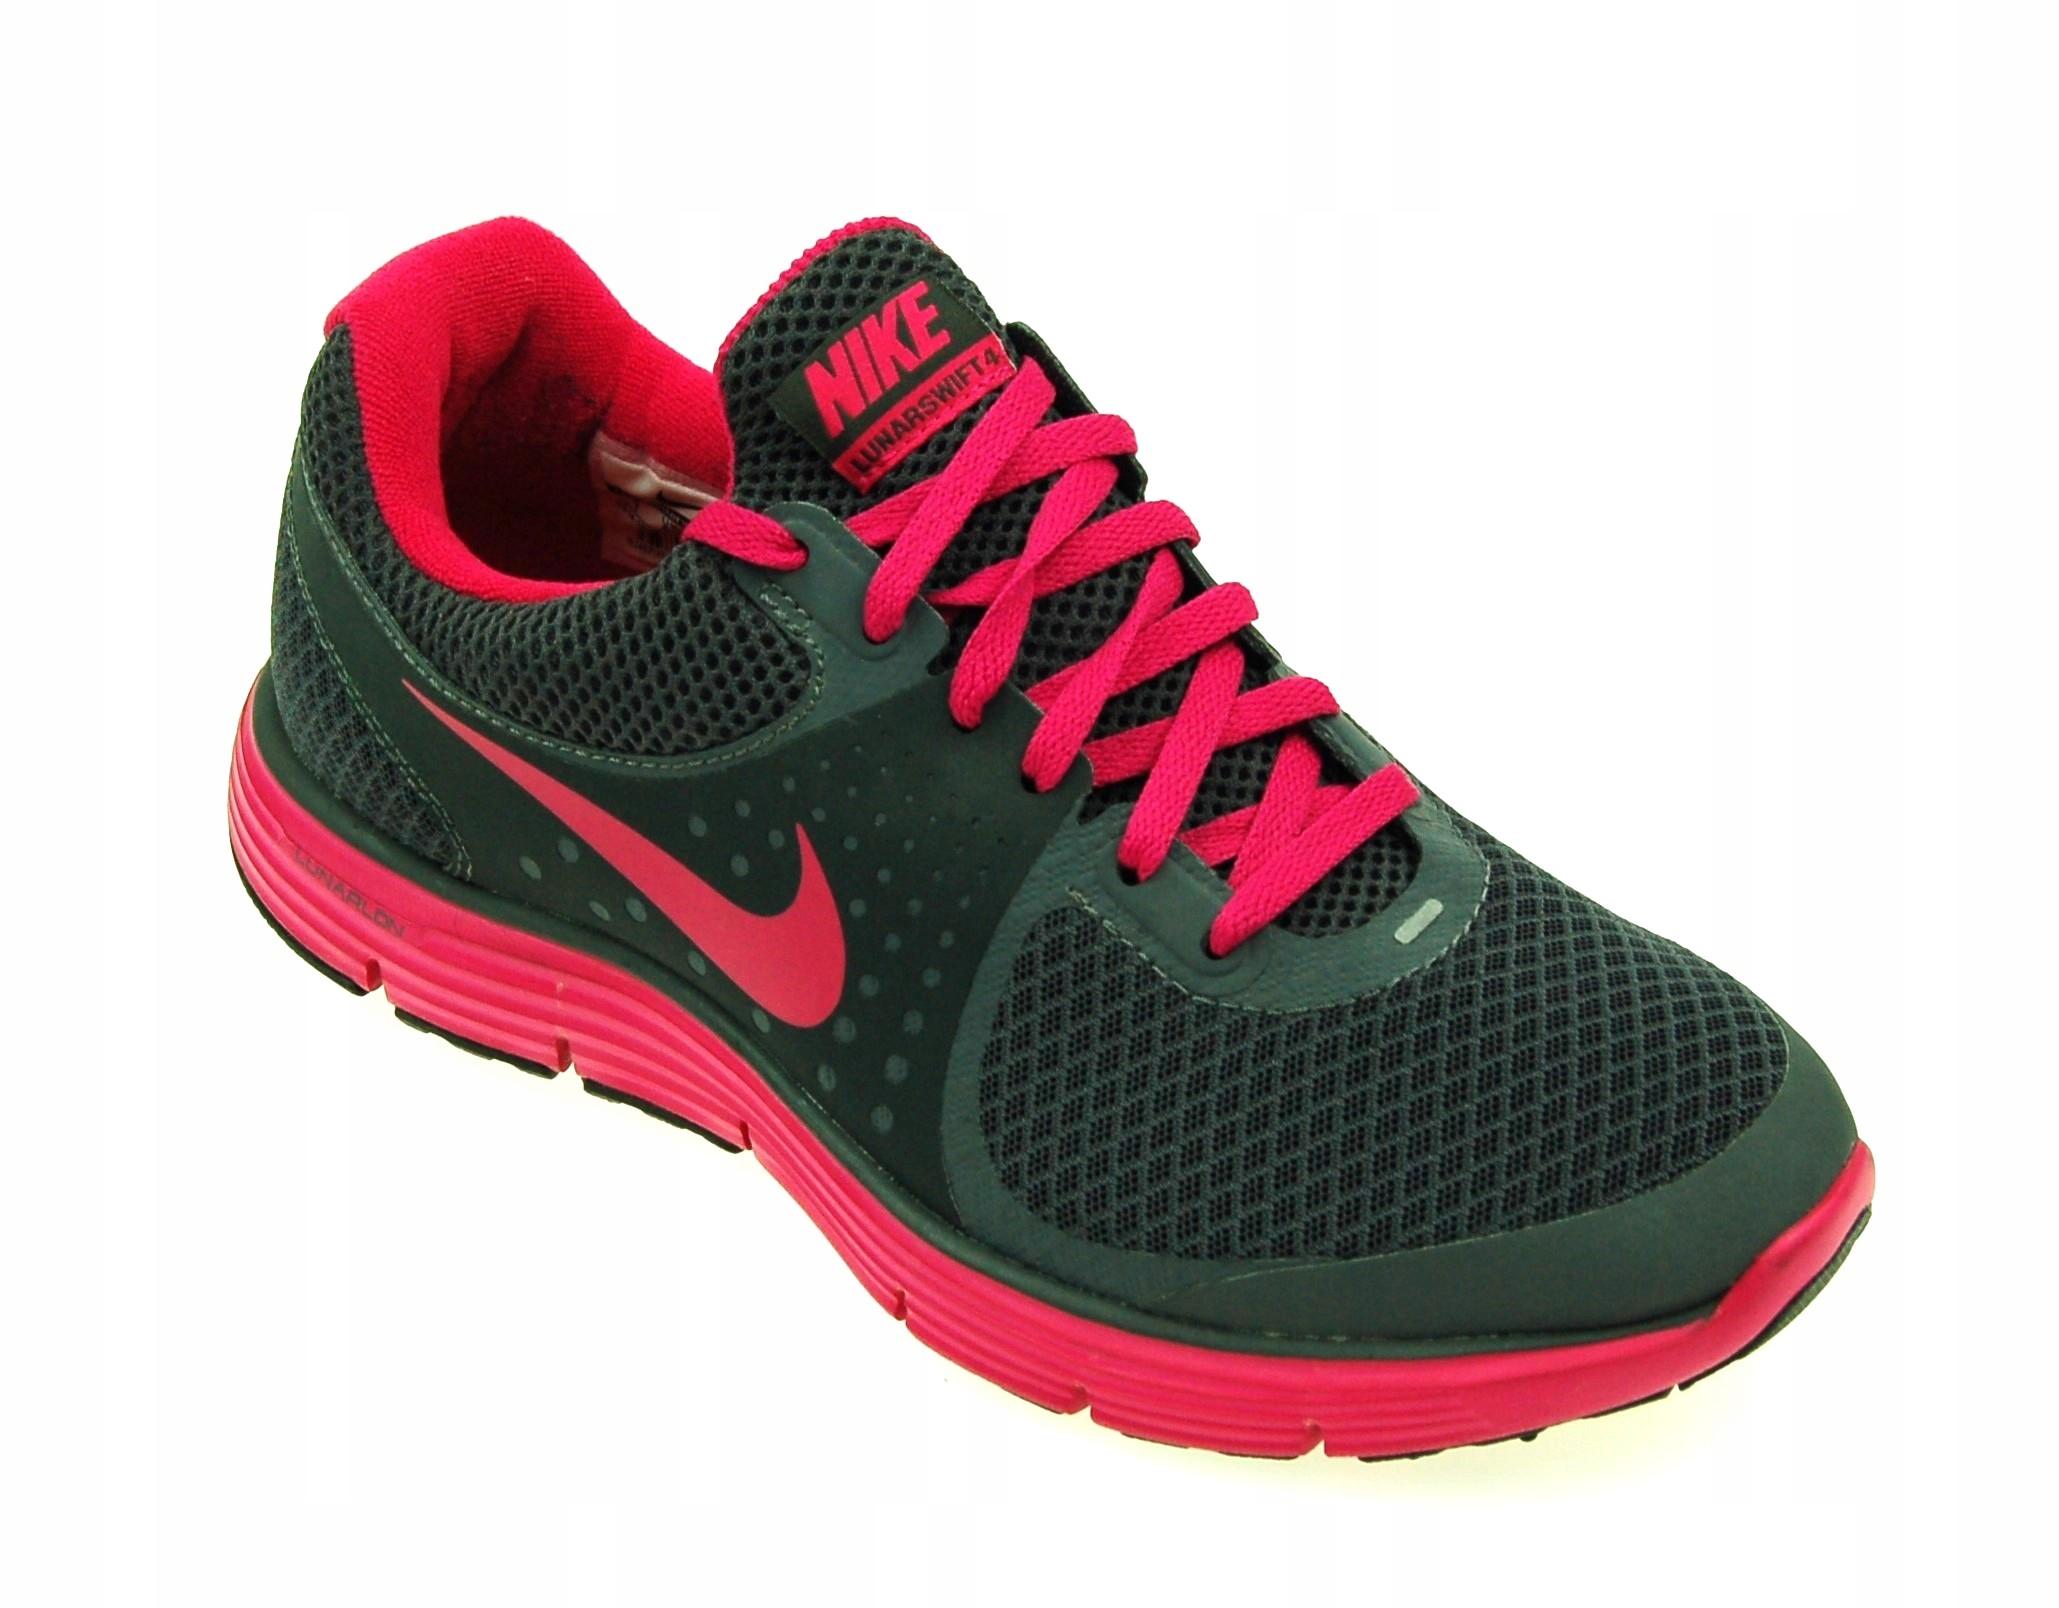 najniższa cena obuwie zasznurować NIKE ADIDASY SPORTOWE DAMSKIE DO BIEGANIA 2S205 - 7866537061 ...